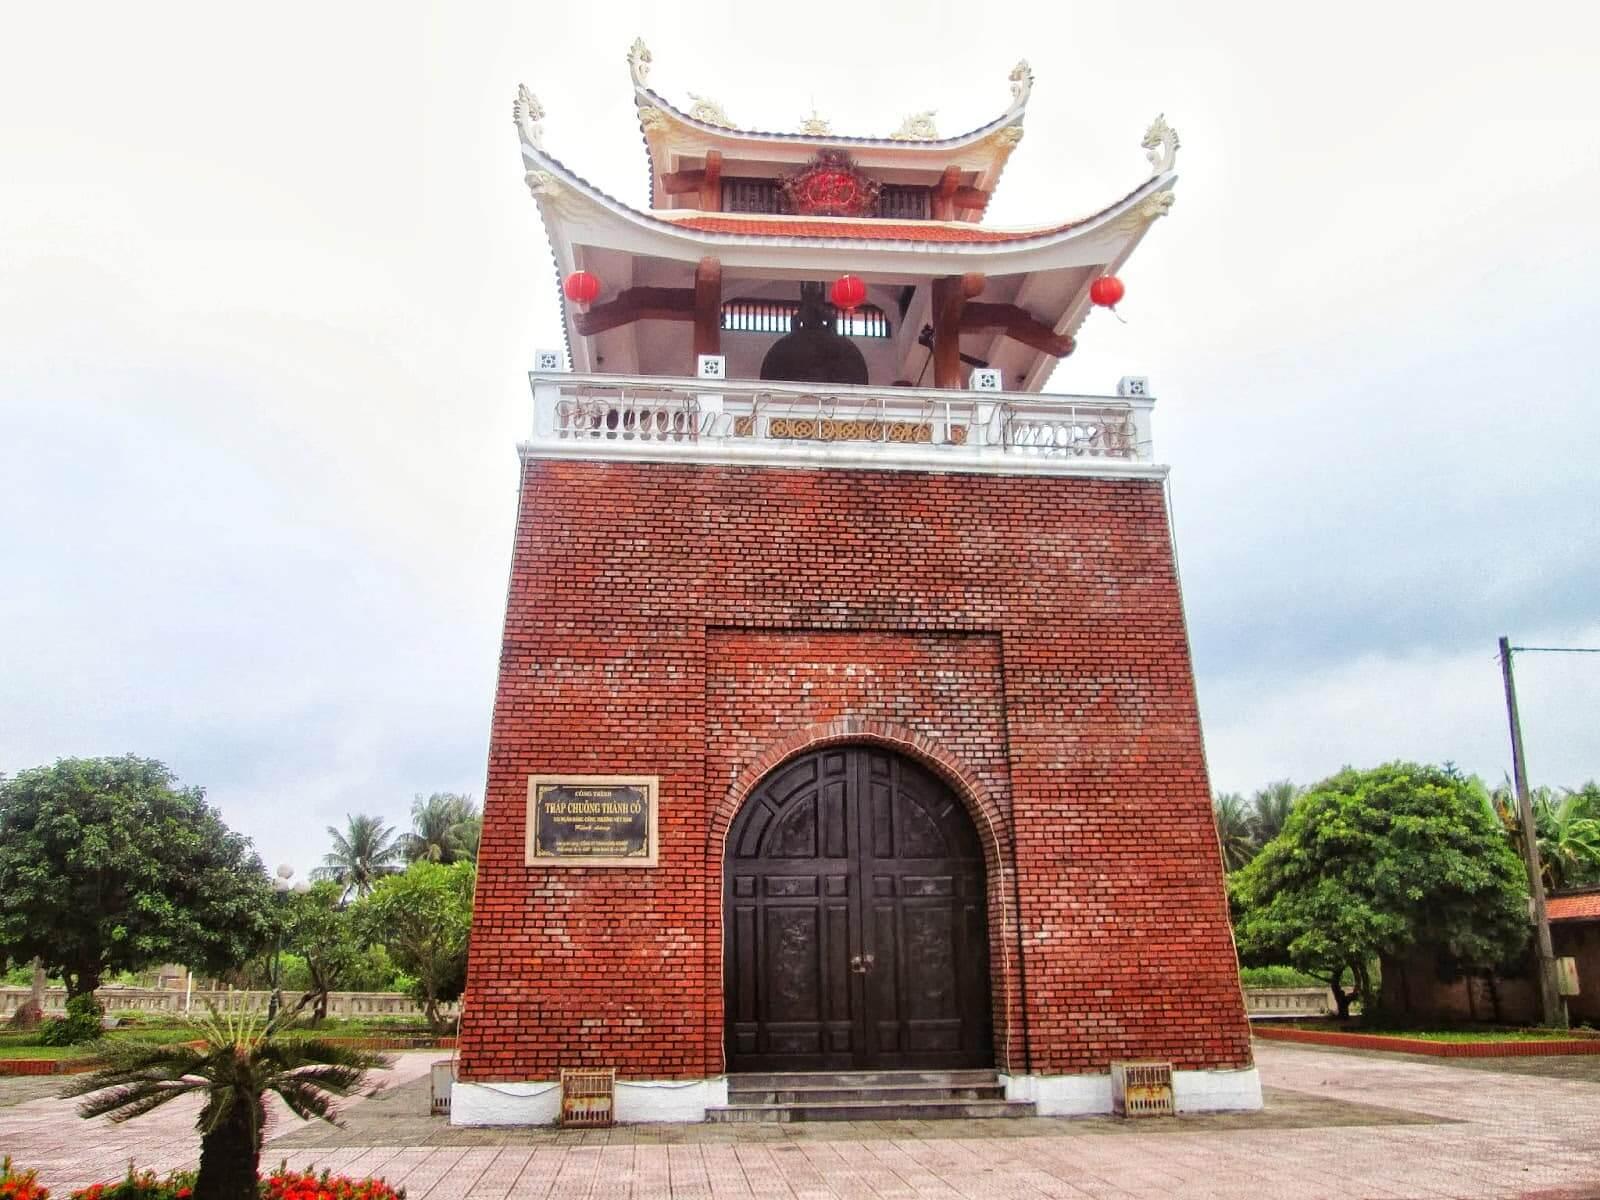 Tháp chuông thành cổ Quảng Trị